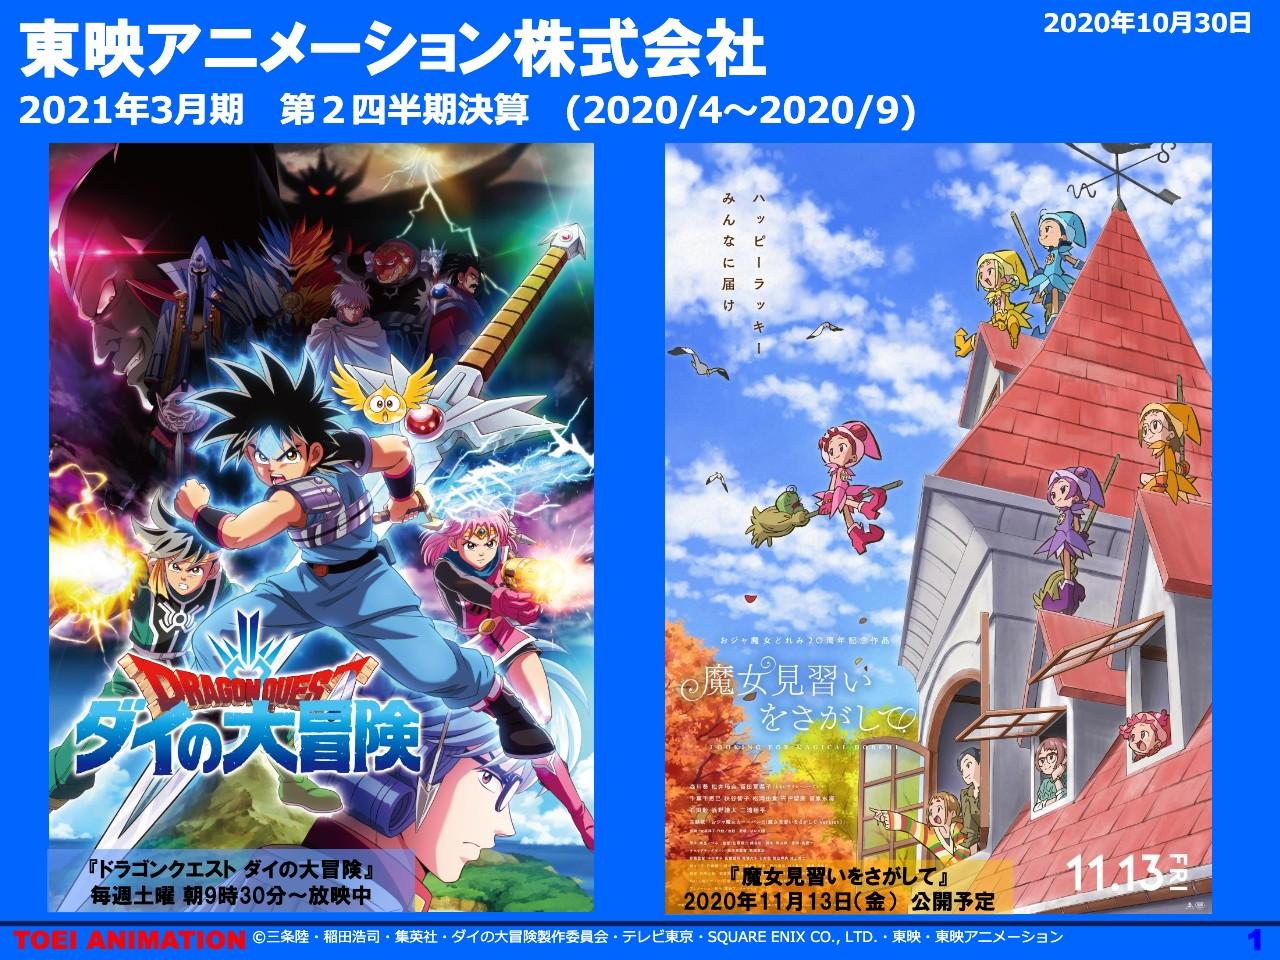 東映アニメーション、2Qは減収減益 版権事業での反動減により売上高は前年同期比−15.7%